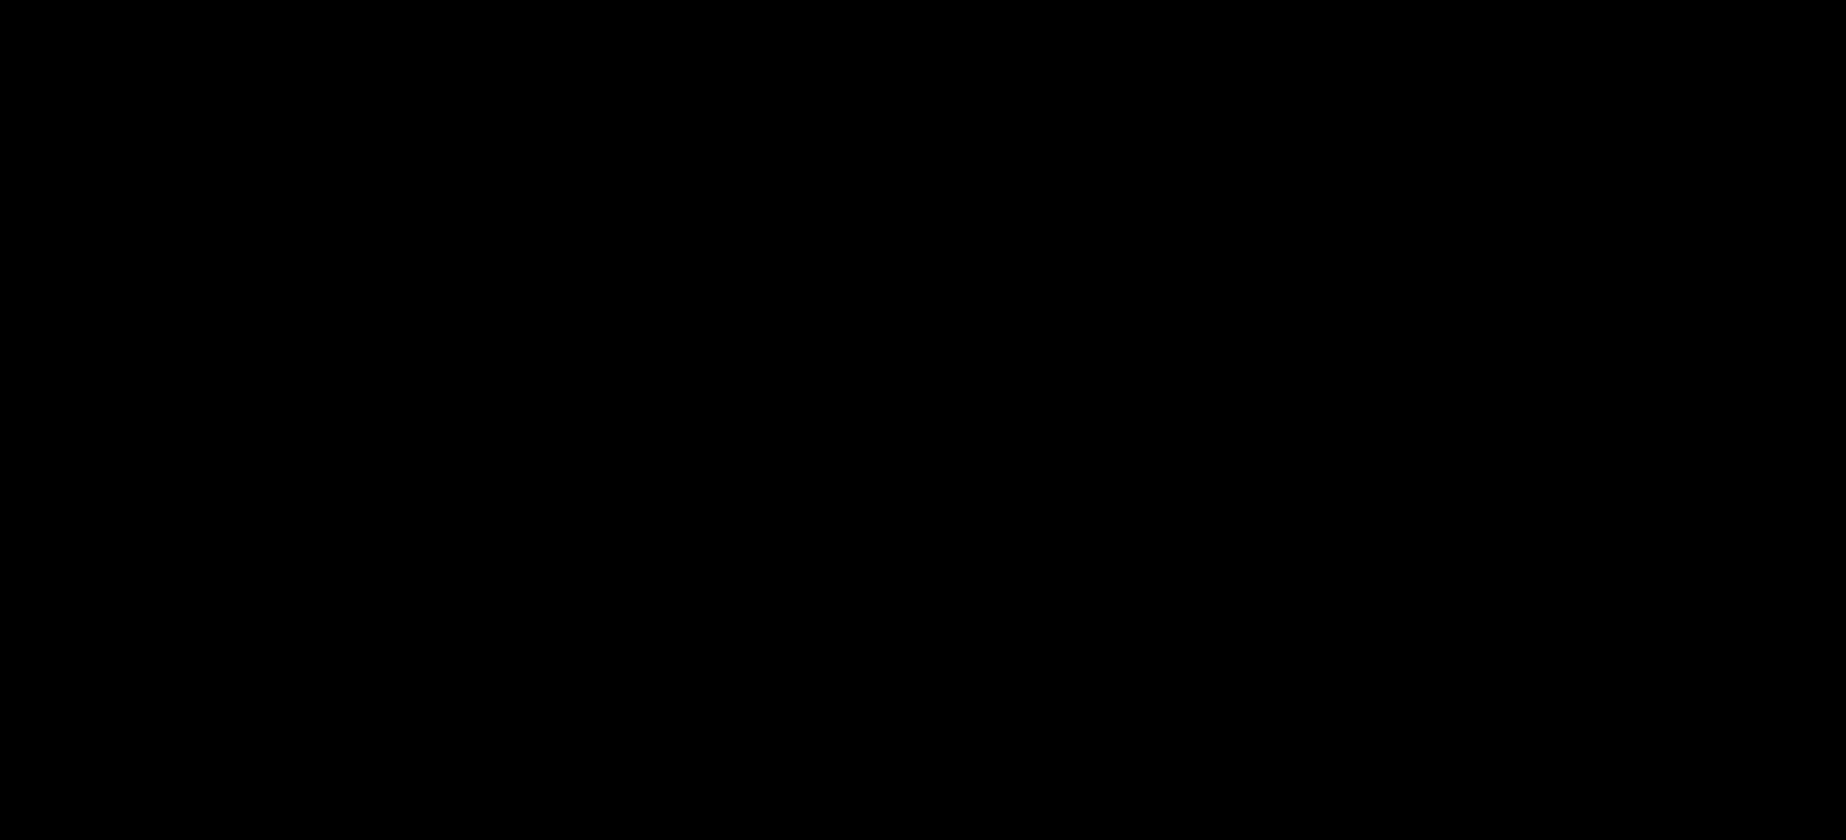 (R)-Crizotinib-d<sub>5 </sub>(piperidine-3,3,4,5,5-d<sub>5)</sub>